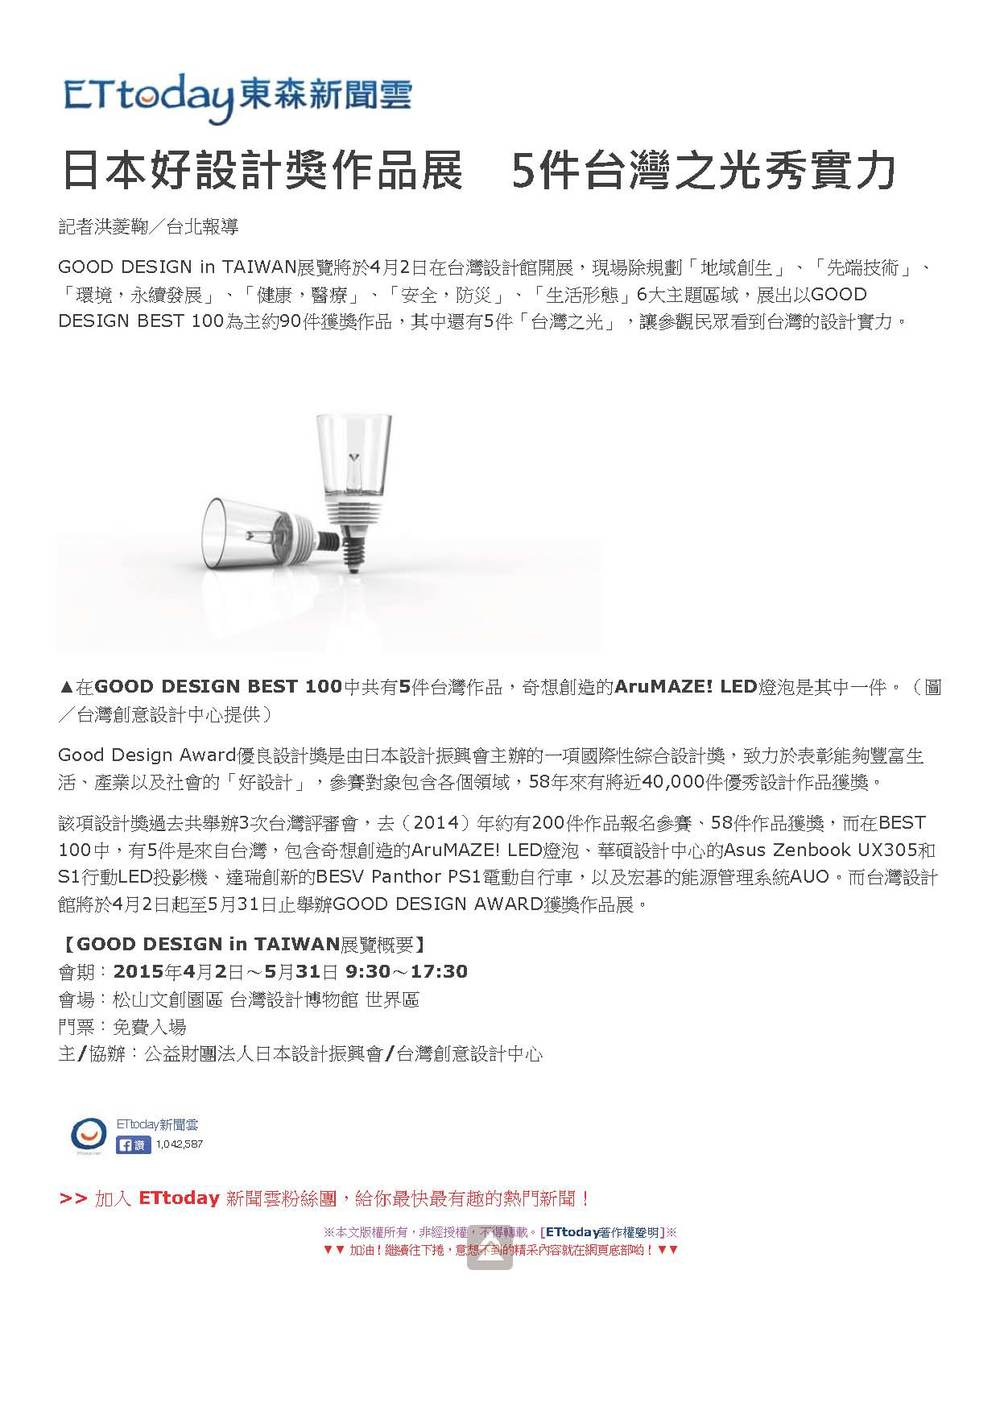 日本好設計獎作品展 5件台灣之光秀實力 _ ETtoday消費新聞 _ 20150330.jpg